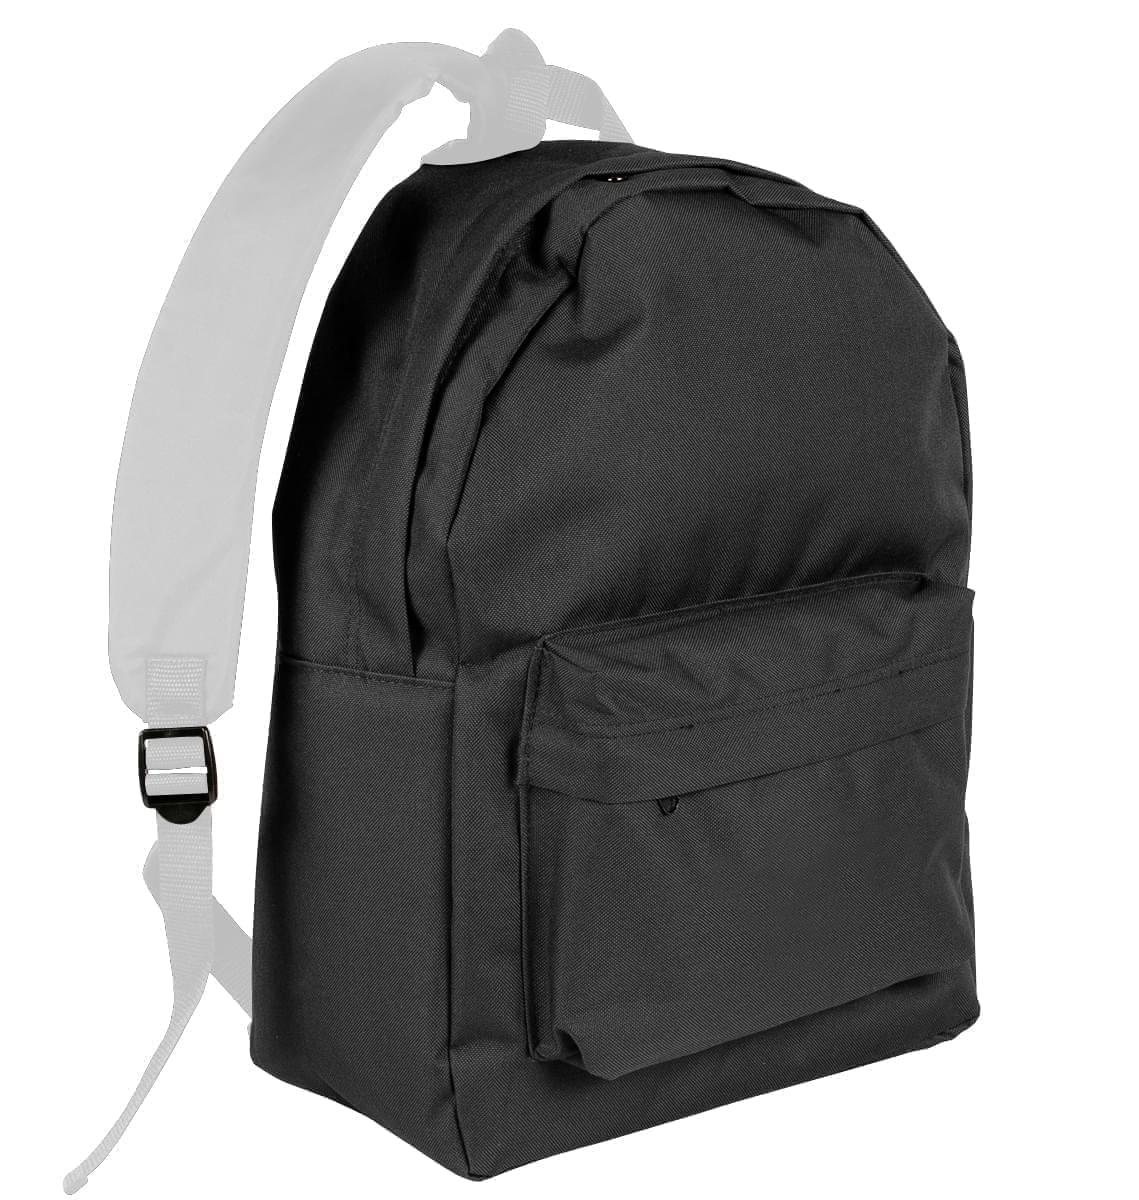 USA Made Nylon Poly Backpack Knapsacks, Black-White, 8960-AO4